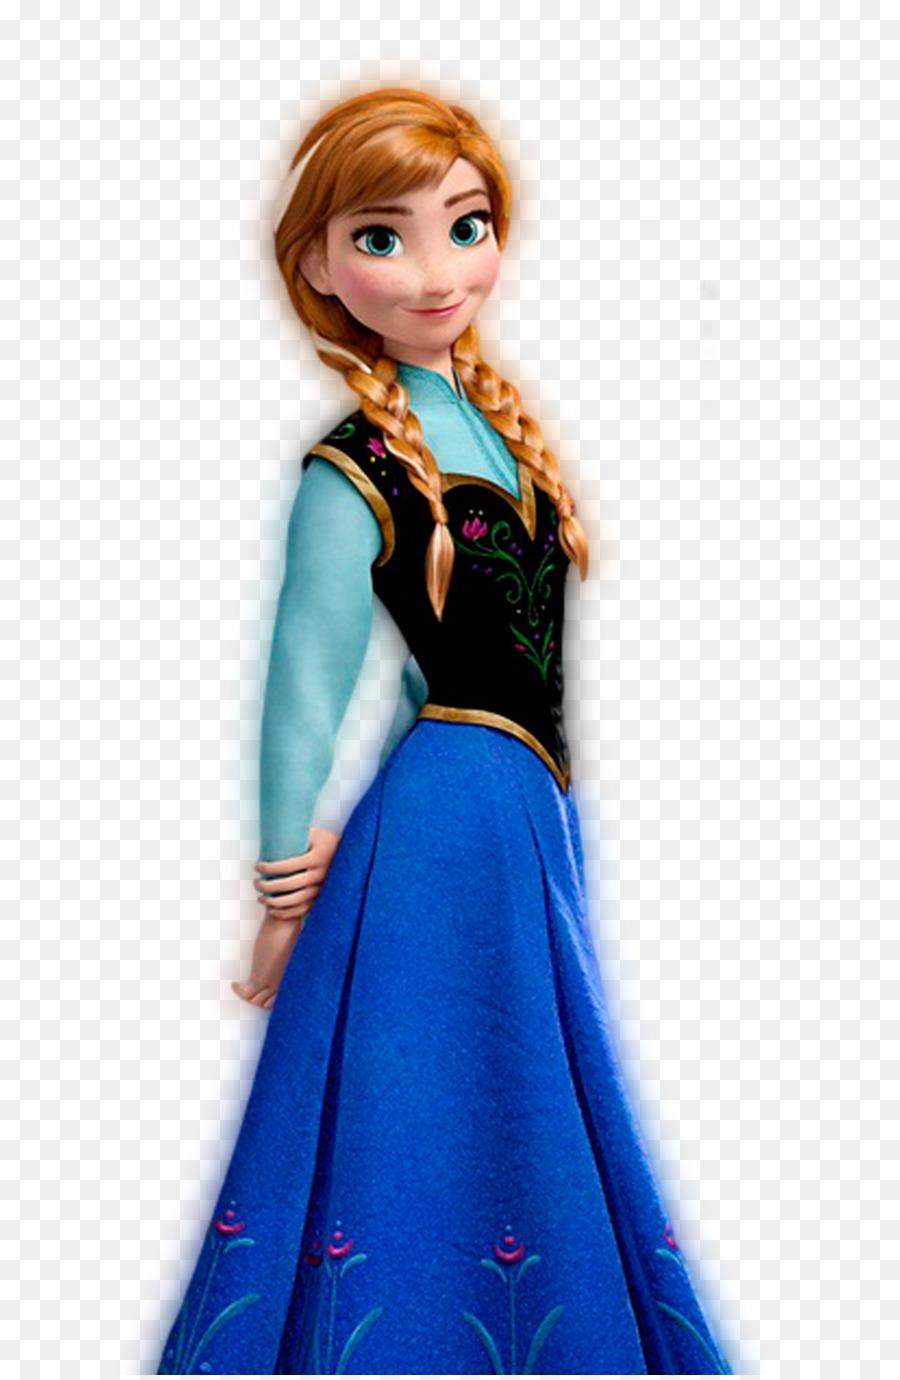 Descarga gratuita de Elsa, Kristoff, Anna imágenes PNG